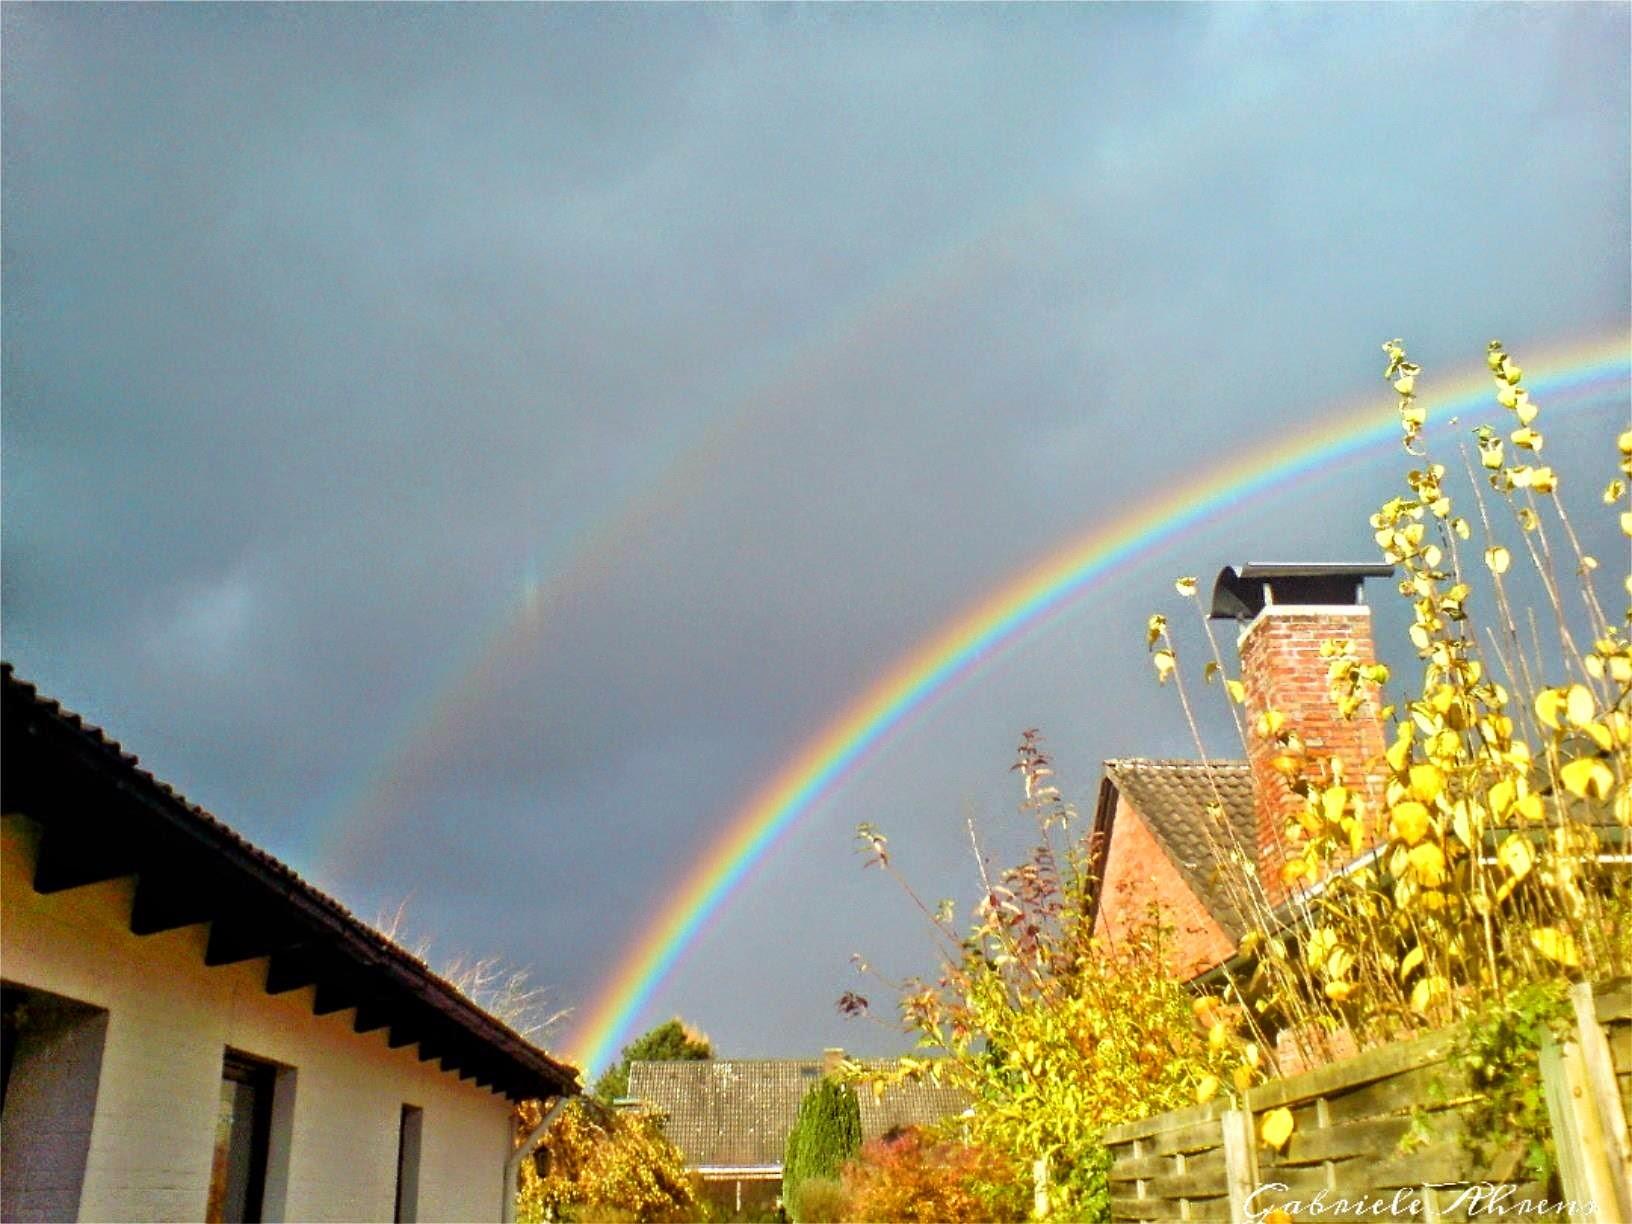 ~ Bild: Dreifach-Regenbogen bei Sittensen ~